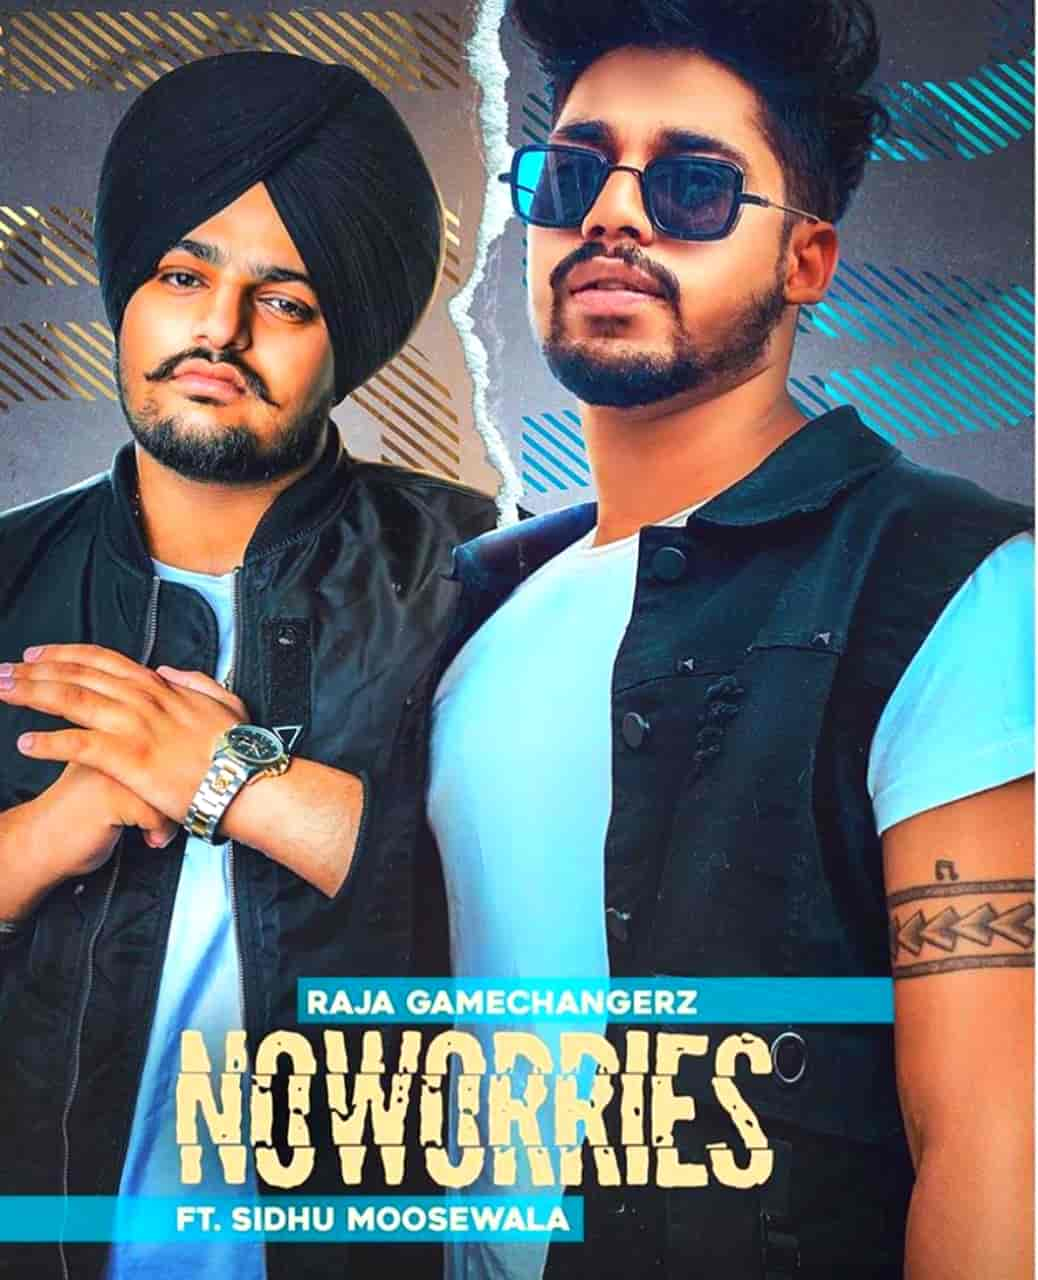 No Worries Punjabi Song Image By Sidhu Moose Wala and Raja Game Changerz